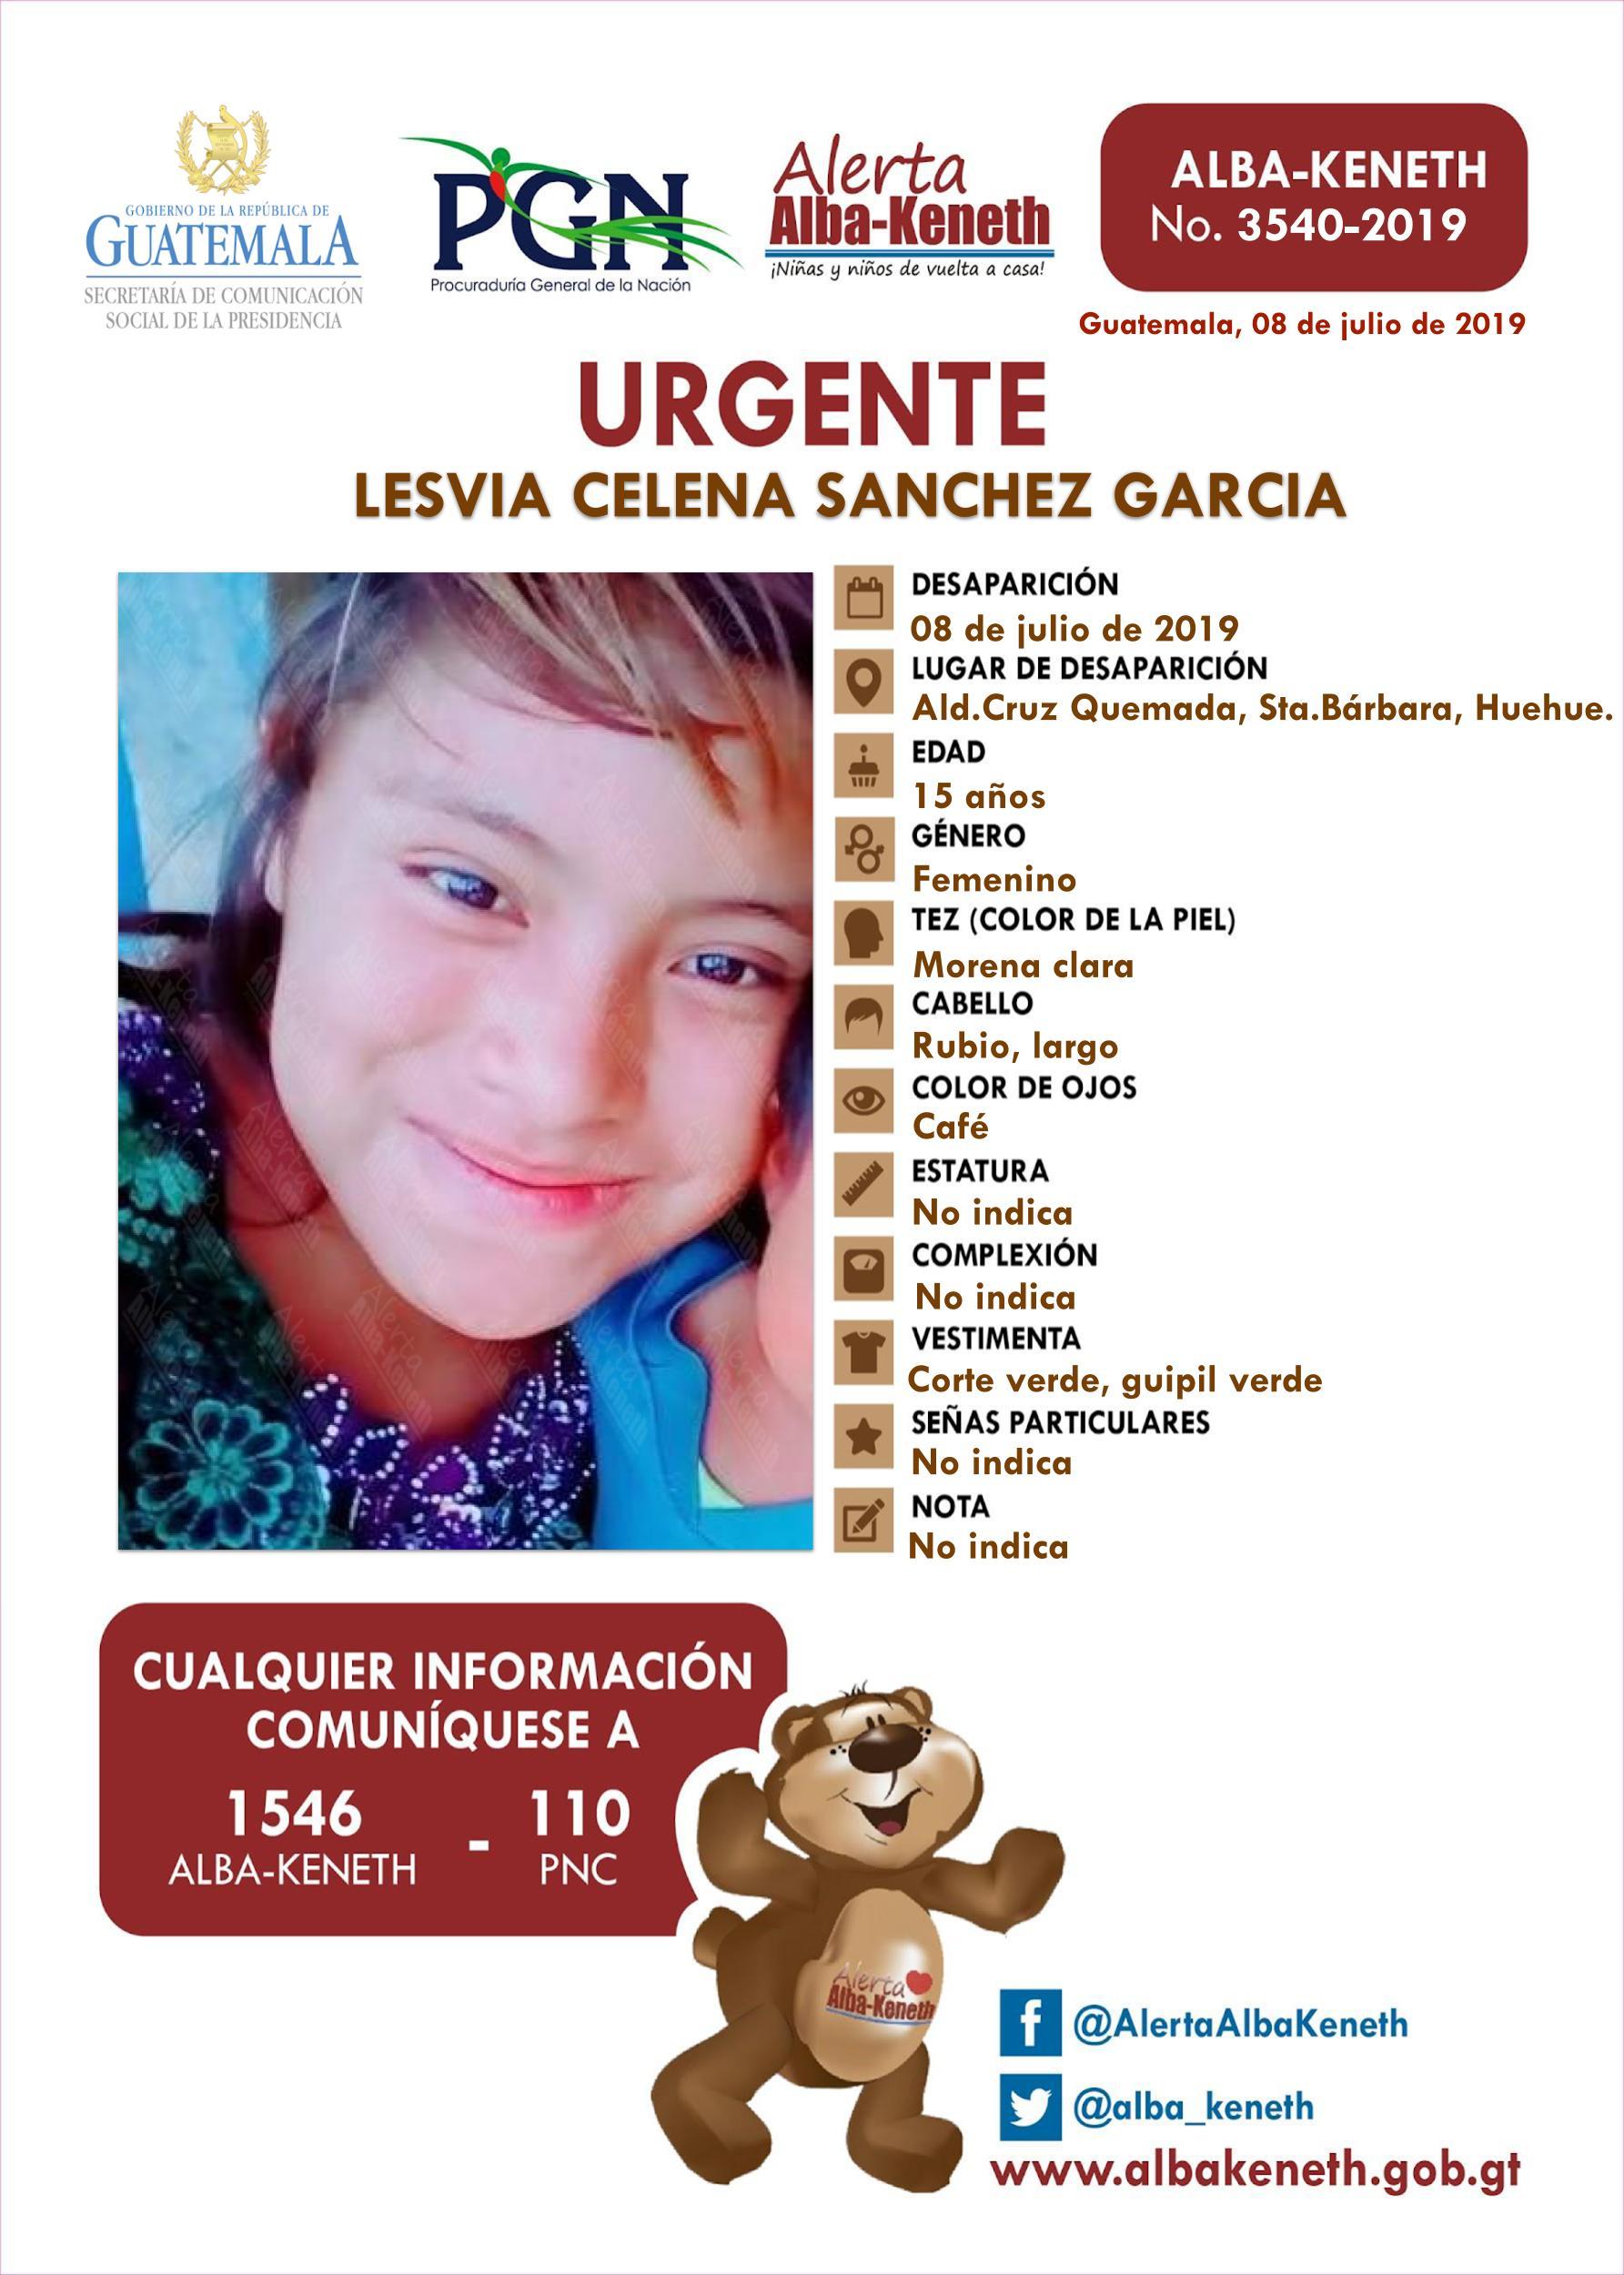 Lesvia Celena Sanchez Garcia